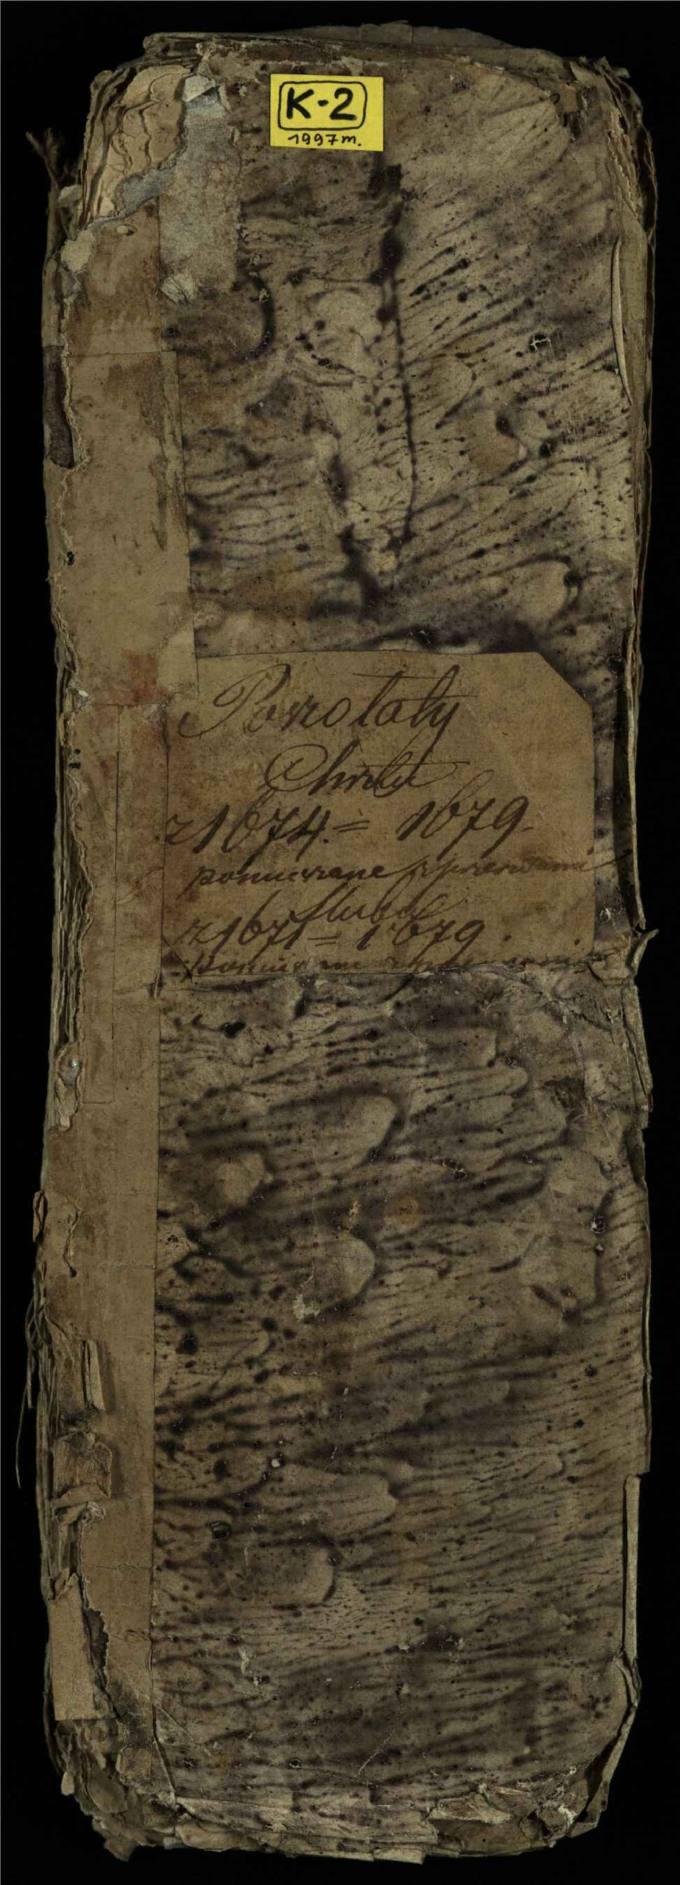 Pušaloto Romos katalikų parapijos bažnyčios 1674–1679 metų krikšto metrikų knyga